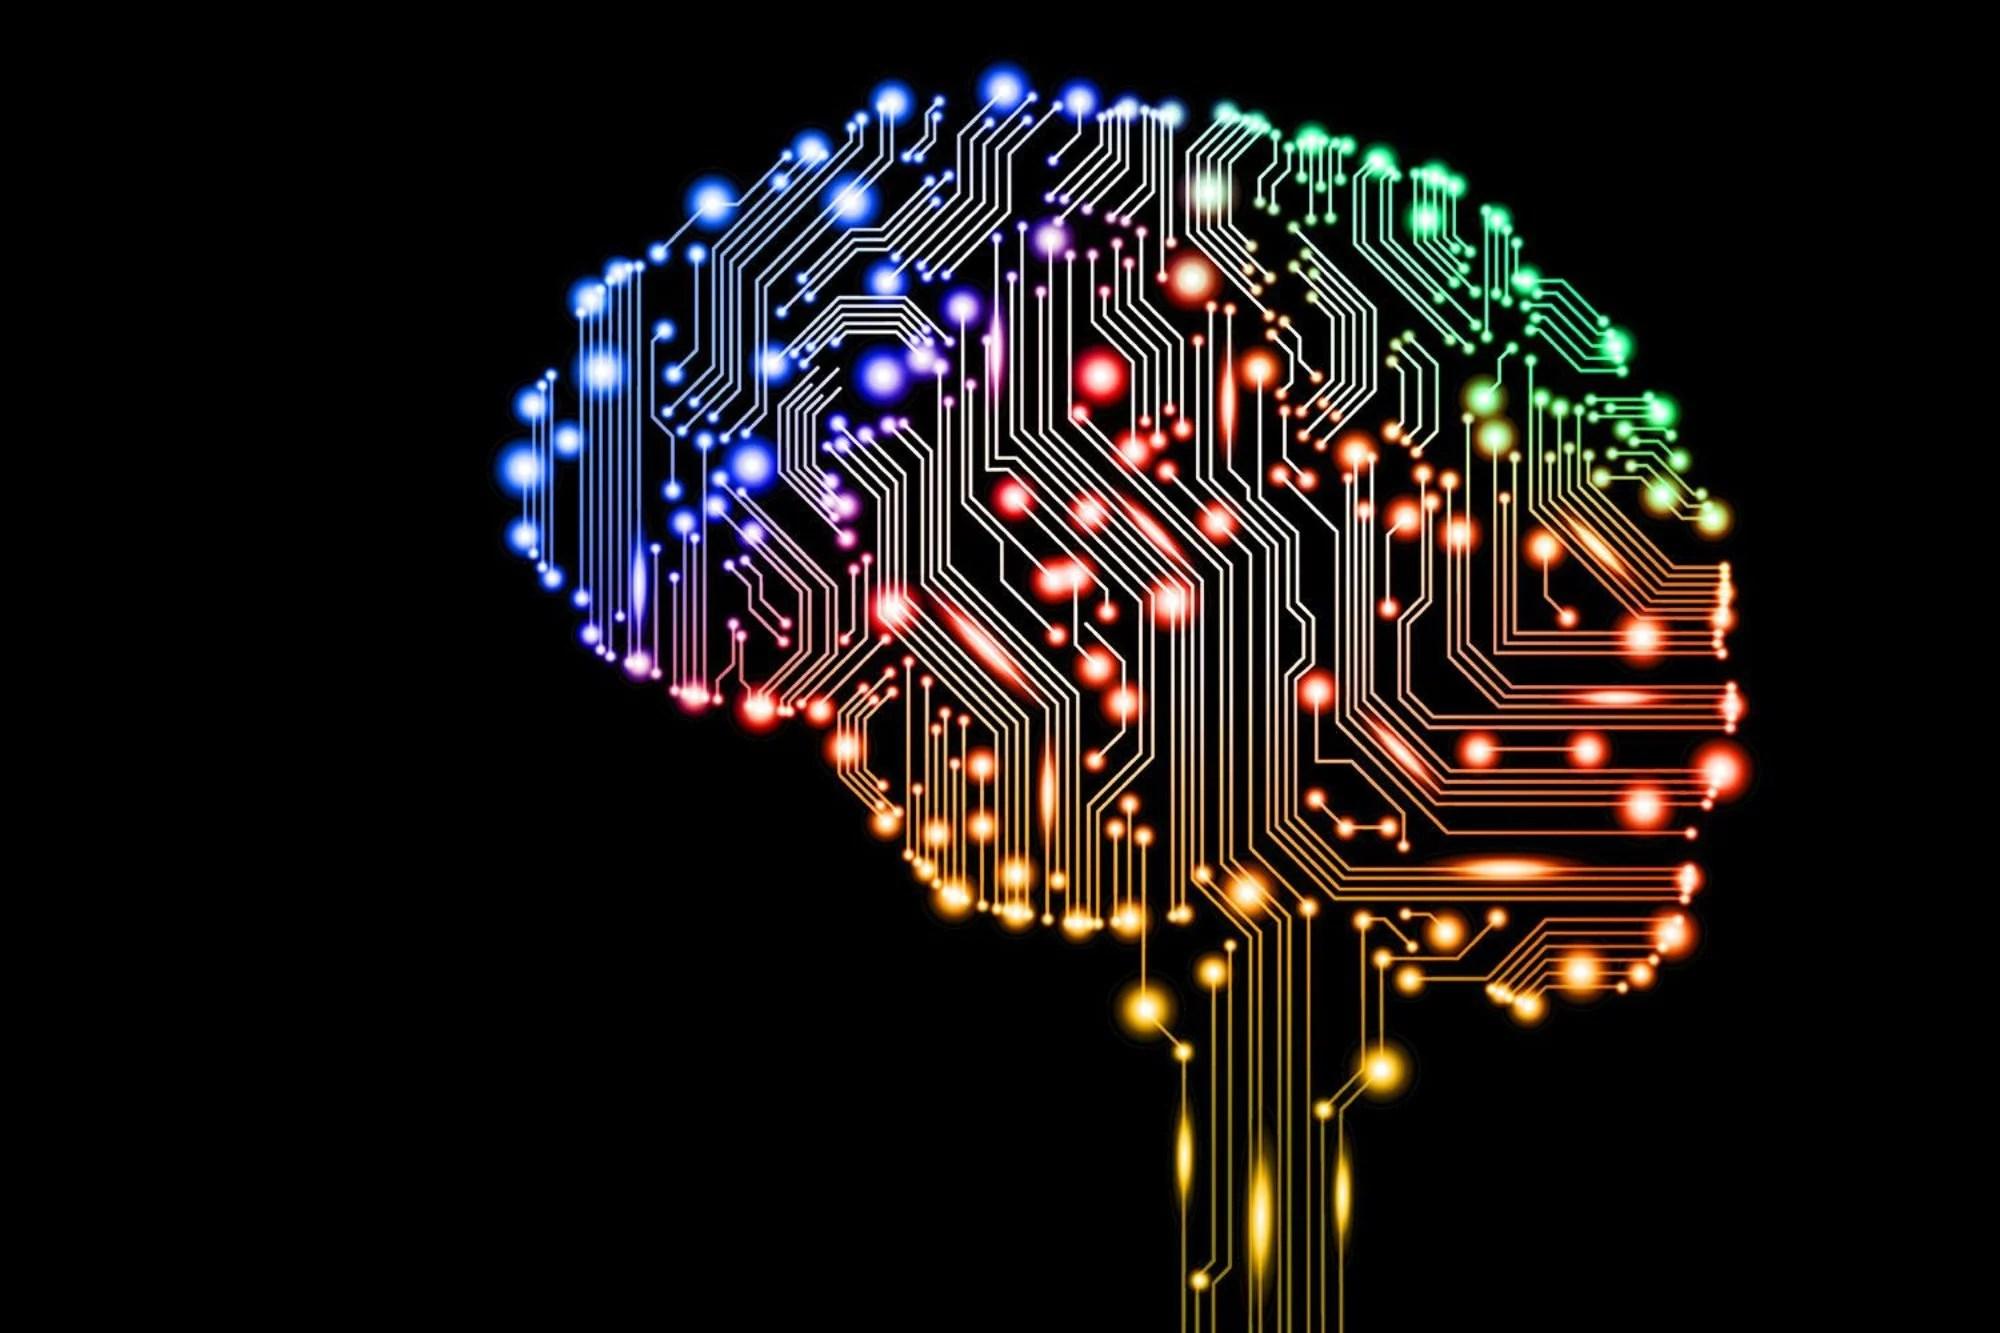 Comment le machine learning compte-t-il révolutionner notre quotidien ?